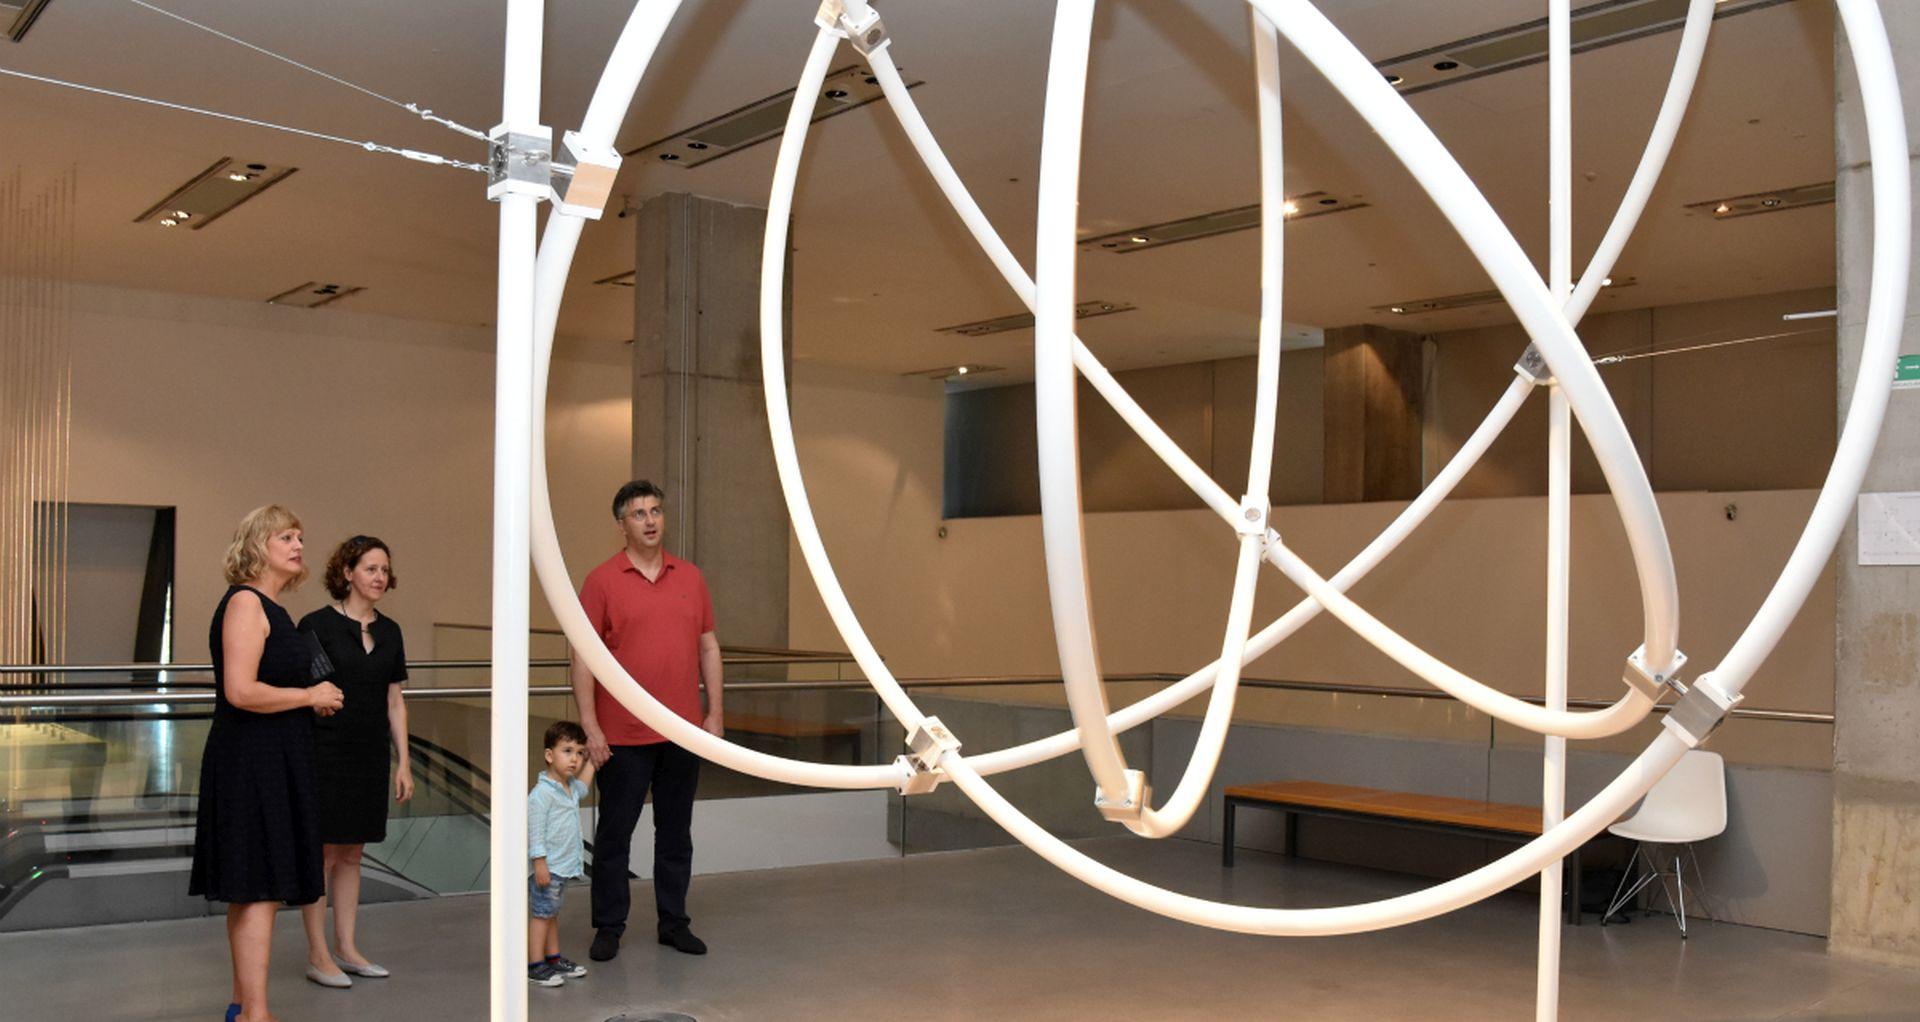 Predsjednik Vlade posjetio izložbu Ivane Franke u Muzeju suvremene umjetnosti